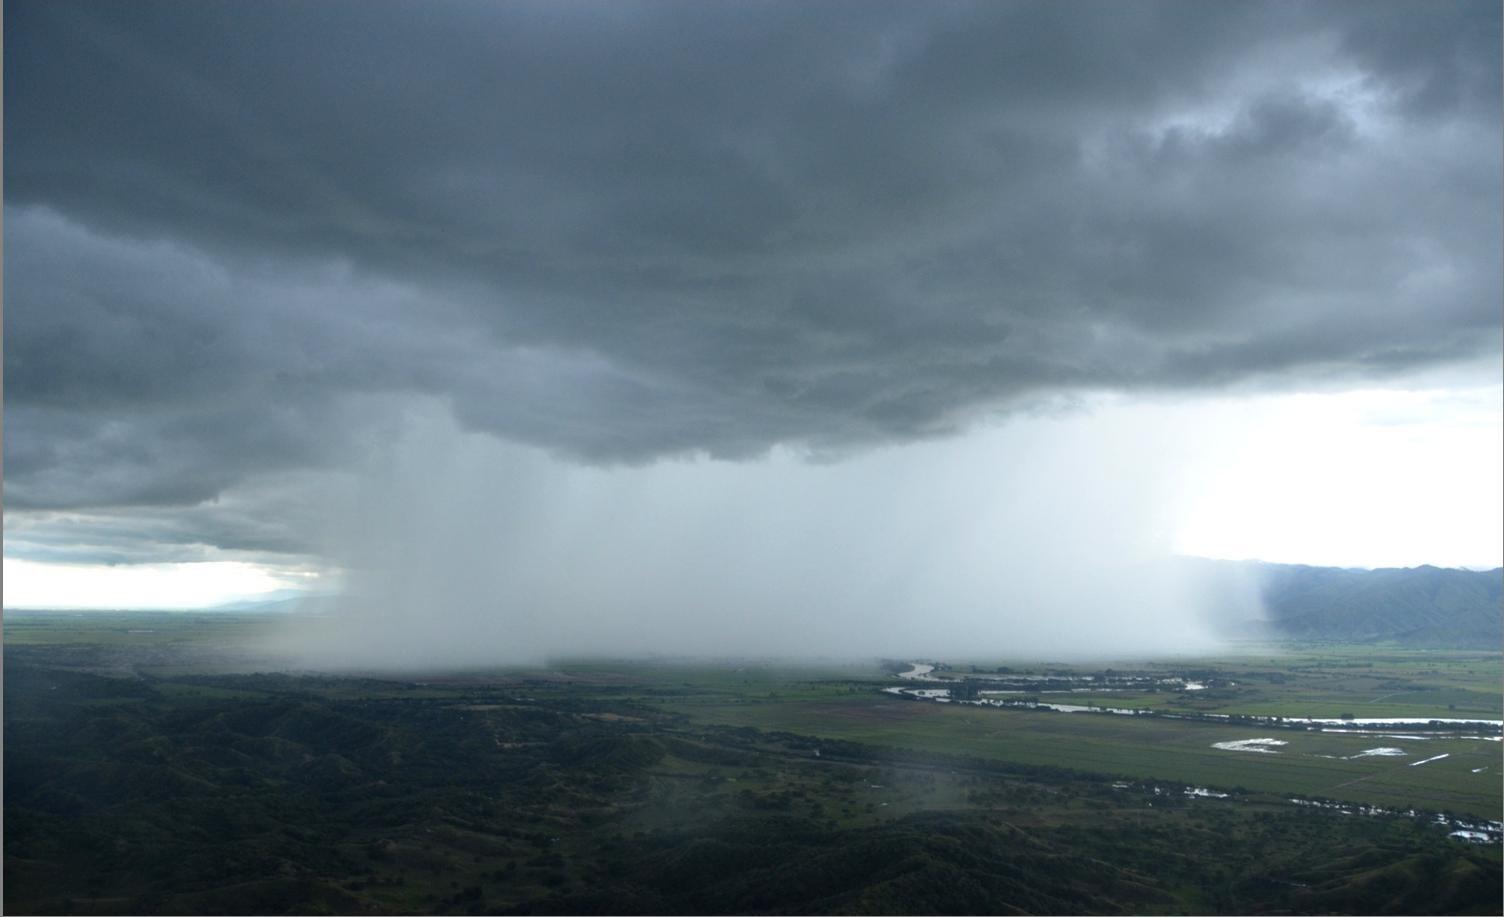 Temporada de lluvias iría hasta el mes de marzo en el Valle del Cauca